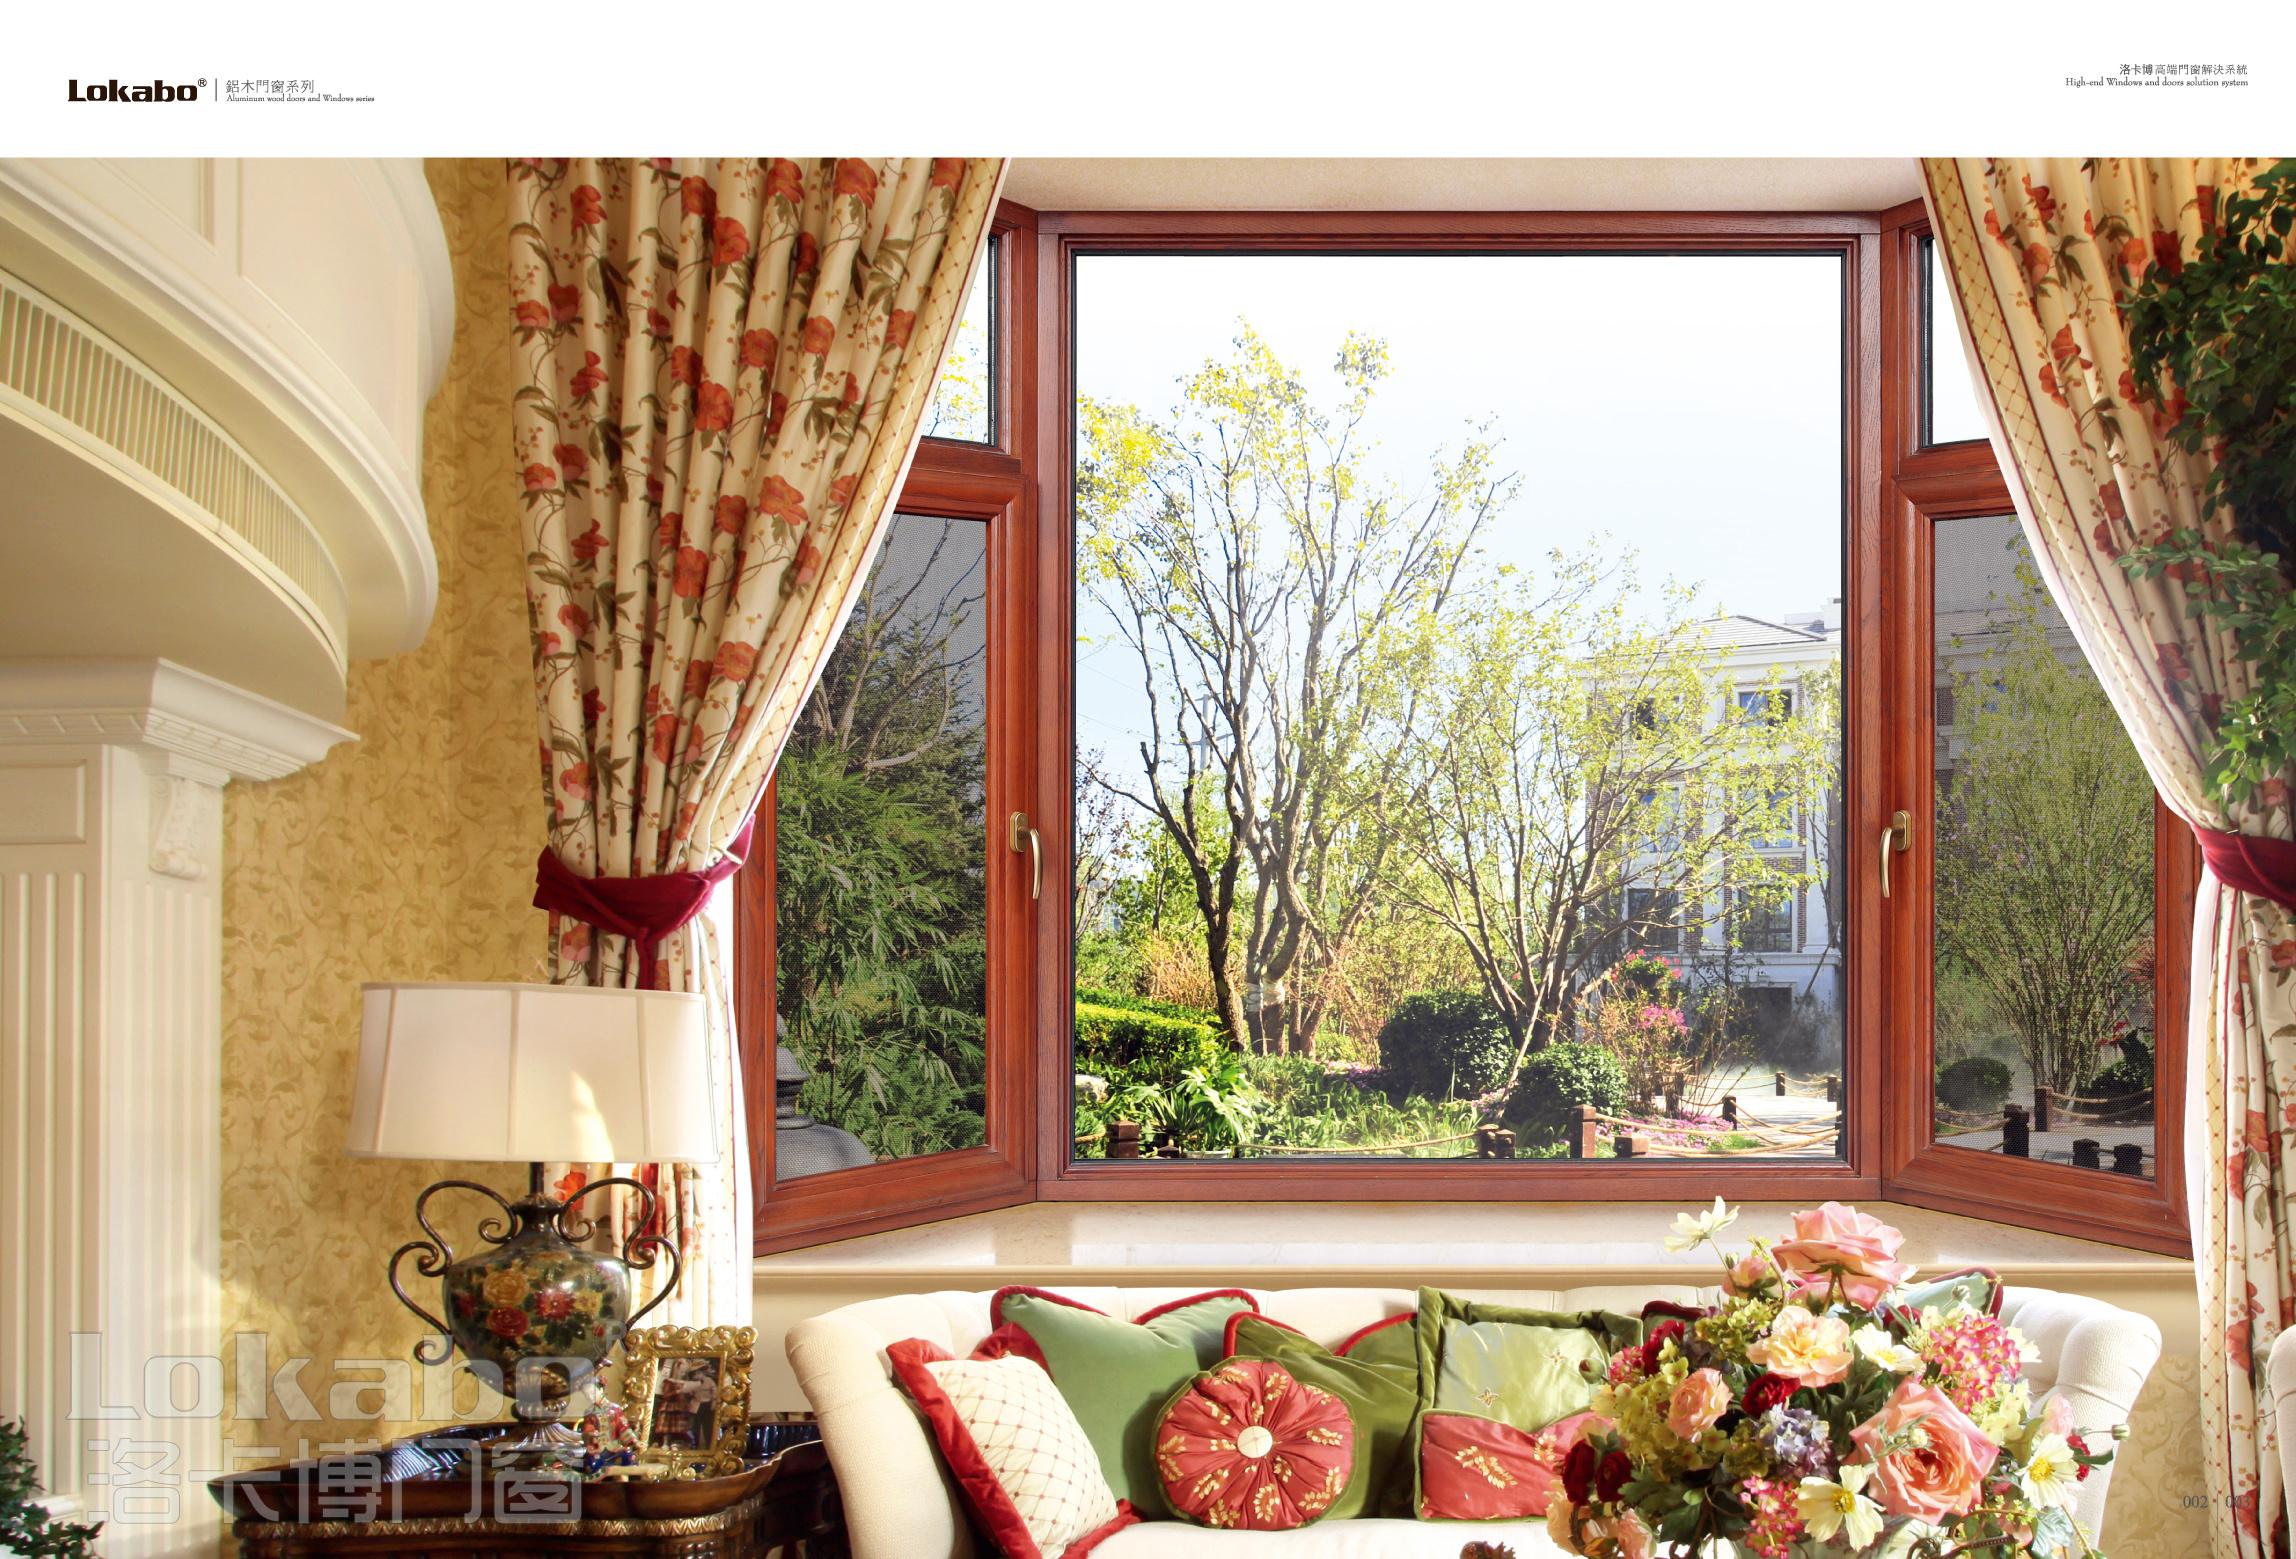 OKABO 洛卡博门窗是一家集门窗设计、生产、安装、服务于一体的大型门窗生产企业。主要生产销售高档铝木平开门窗,铝木折叠门窗,铝木推拉门窗,铝木提升推拉门窗,铝木阳光屋和铝木幕墙等产品,在行业内享有盛誉。 公司引进欧洲LOKABO 门窗系统,欧美先进生产设备。注重研发和技术创新,导入科学的管理体系。作为门窗行业的知名品牌洛卡博产品选择最优质的原材料为其配套。其中欧美原装进口的五金配件在保证多种灵活轻便的开启方式同时,可大大延长门窗五金的使用寿命。德国进口的环保型门窗专用漆,从外观和耐候性两方面可以使洛卡博